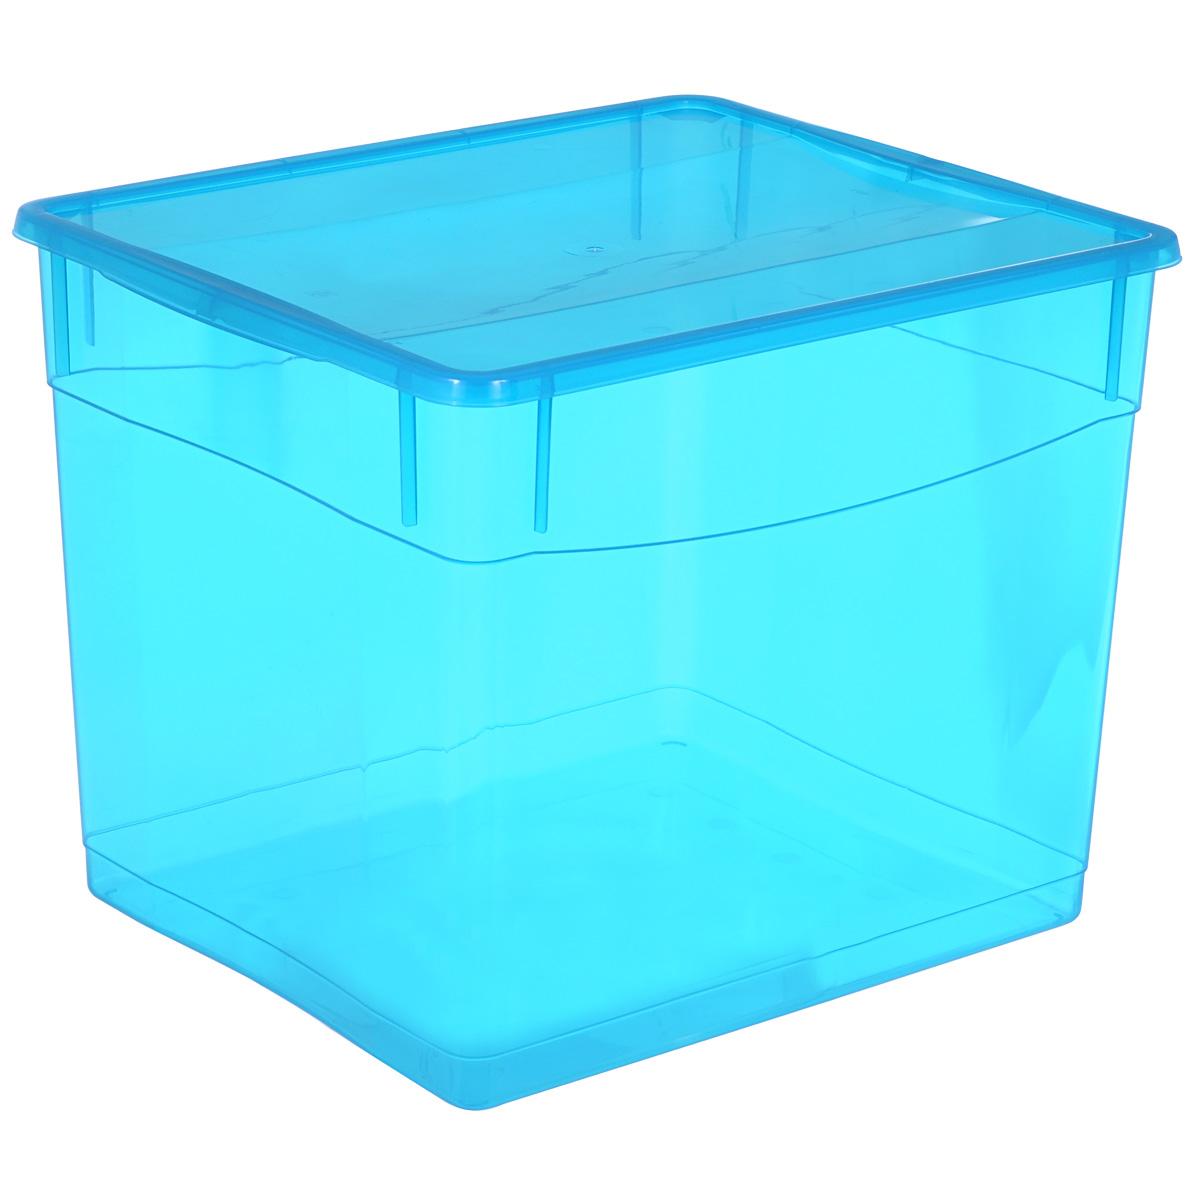 Ящик универсальный Бытпласт Колор Стайл с крышкой, 34 лС12782Универсальный ящик Бытпласт Колор Стайл выполнен из полипропилена и предназначен для хранения различных предметов. Ящик оснащен удобной крышкой. Очень функциональный и вместительный, такой ящик будет очень полезен для хранения вещей или продуктов, а также защитит их от пыли и грязи.